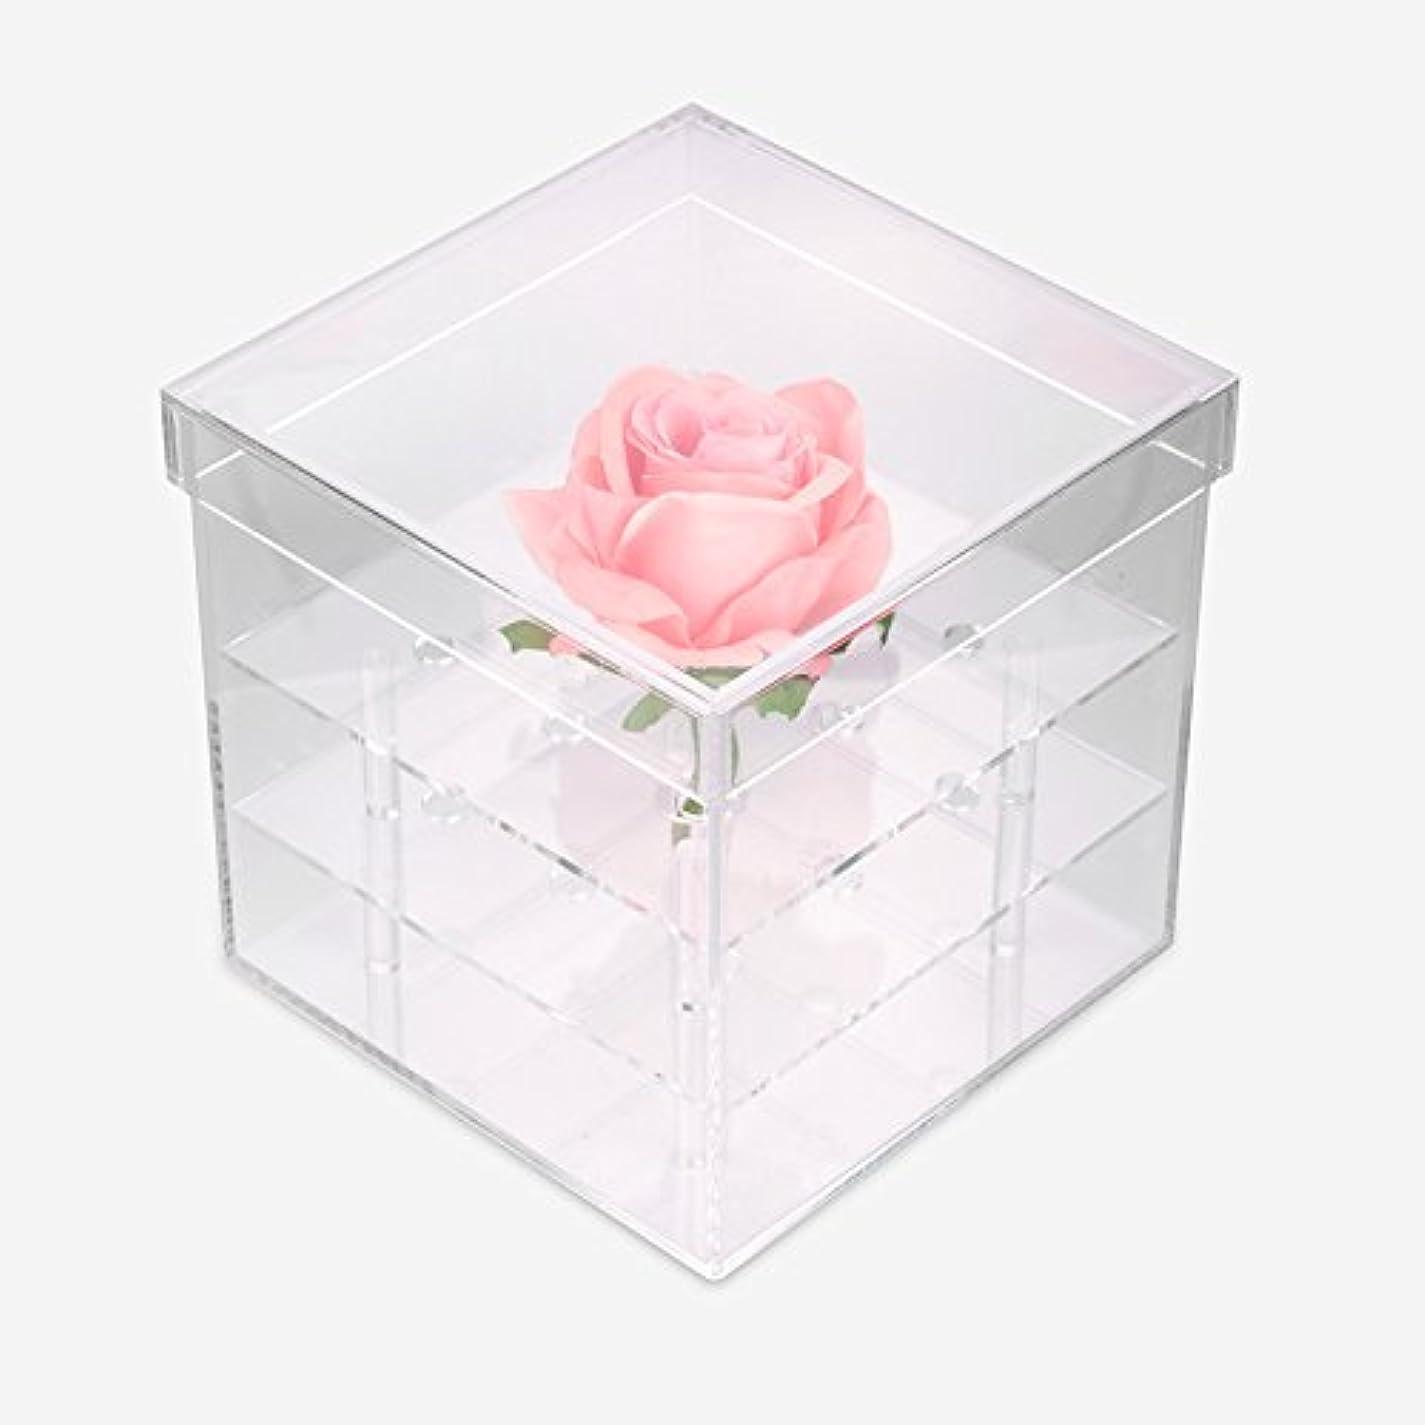 愛する体操選手泥だらけ透明なアクリルの新鮮なバラのプリザーブドフラワーボックス、多機能の結婚式の花のギフトボックスアイブローペンシル?アイライナー?オーガナイザー?ホルダー(9ホール)